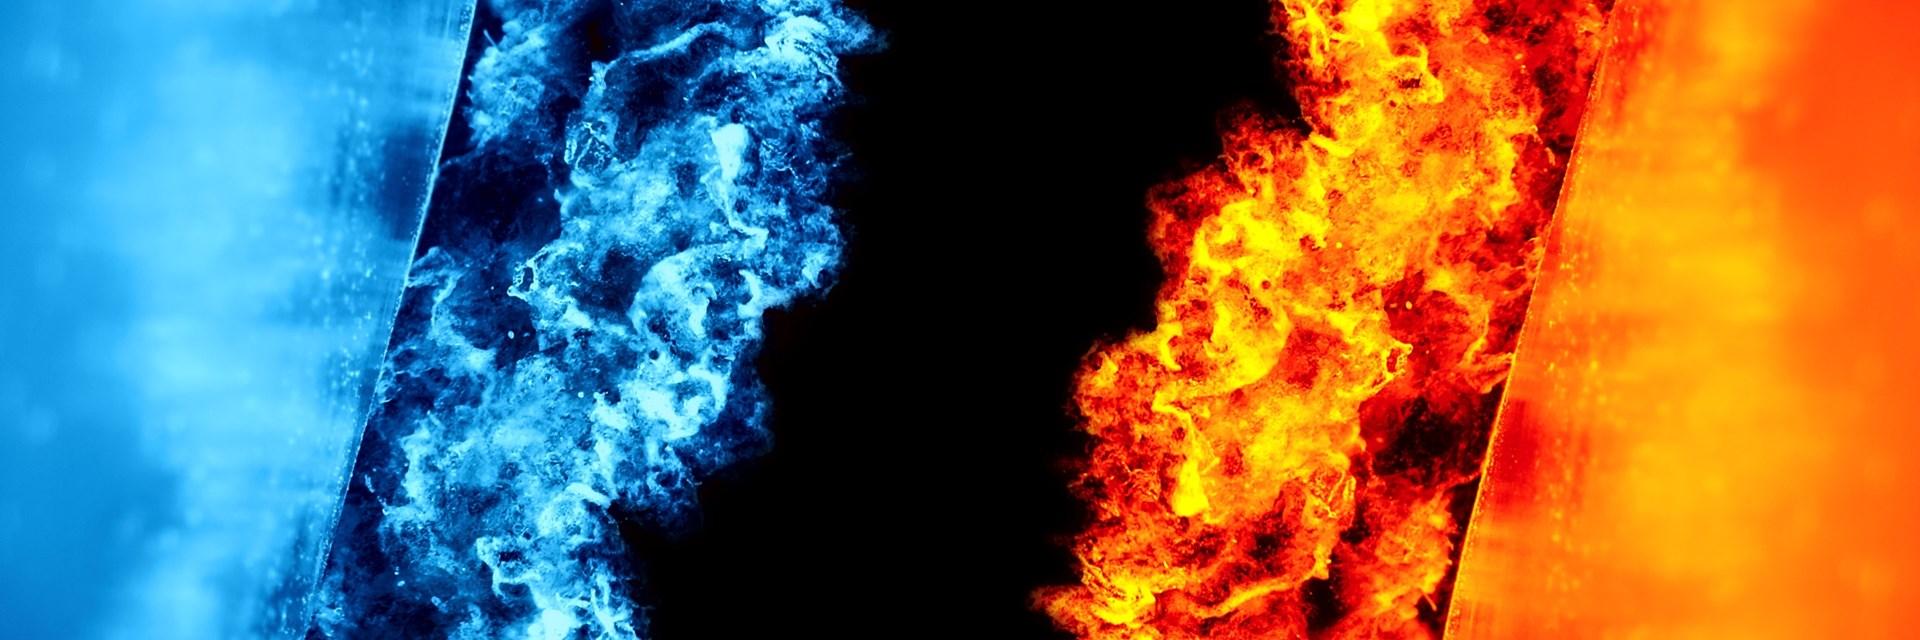 Na sliki s črnim ozadjem je desno oblak oranžnega ognja in levo oblak modrega ognja.